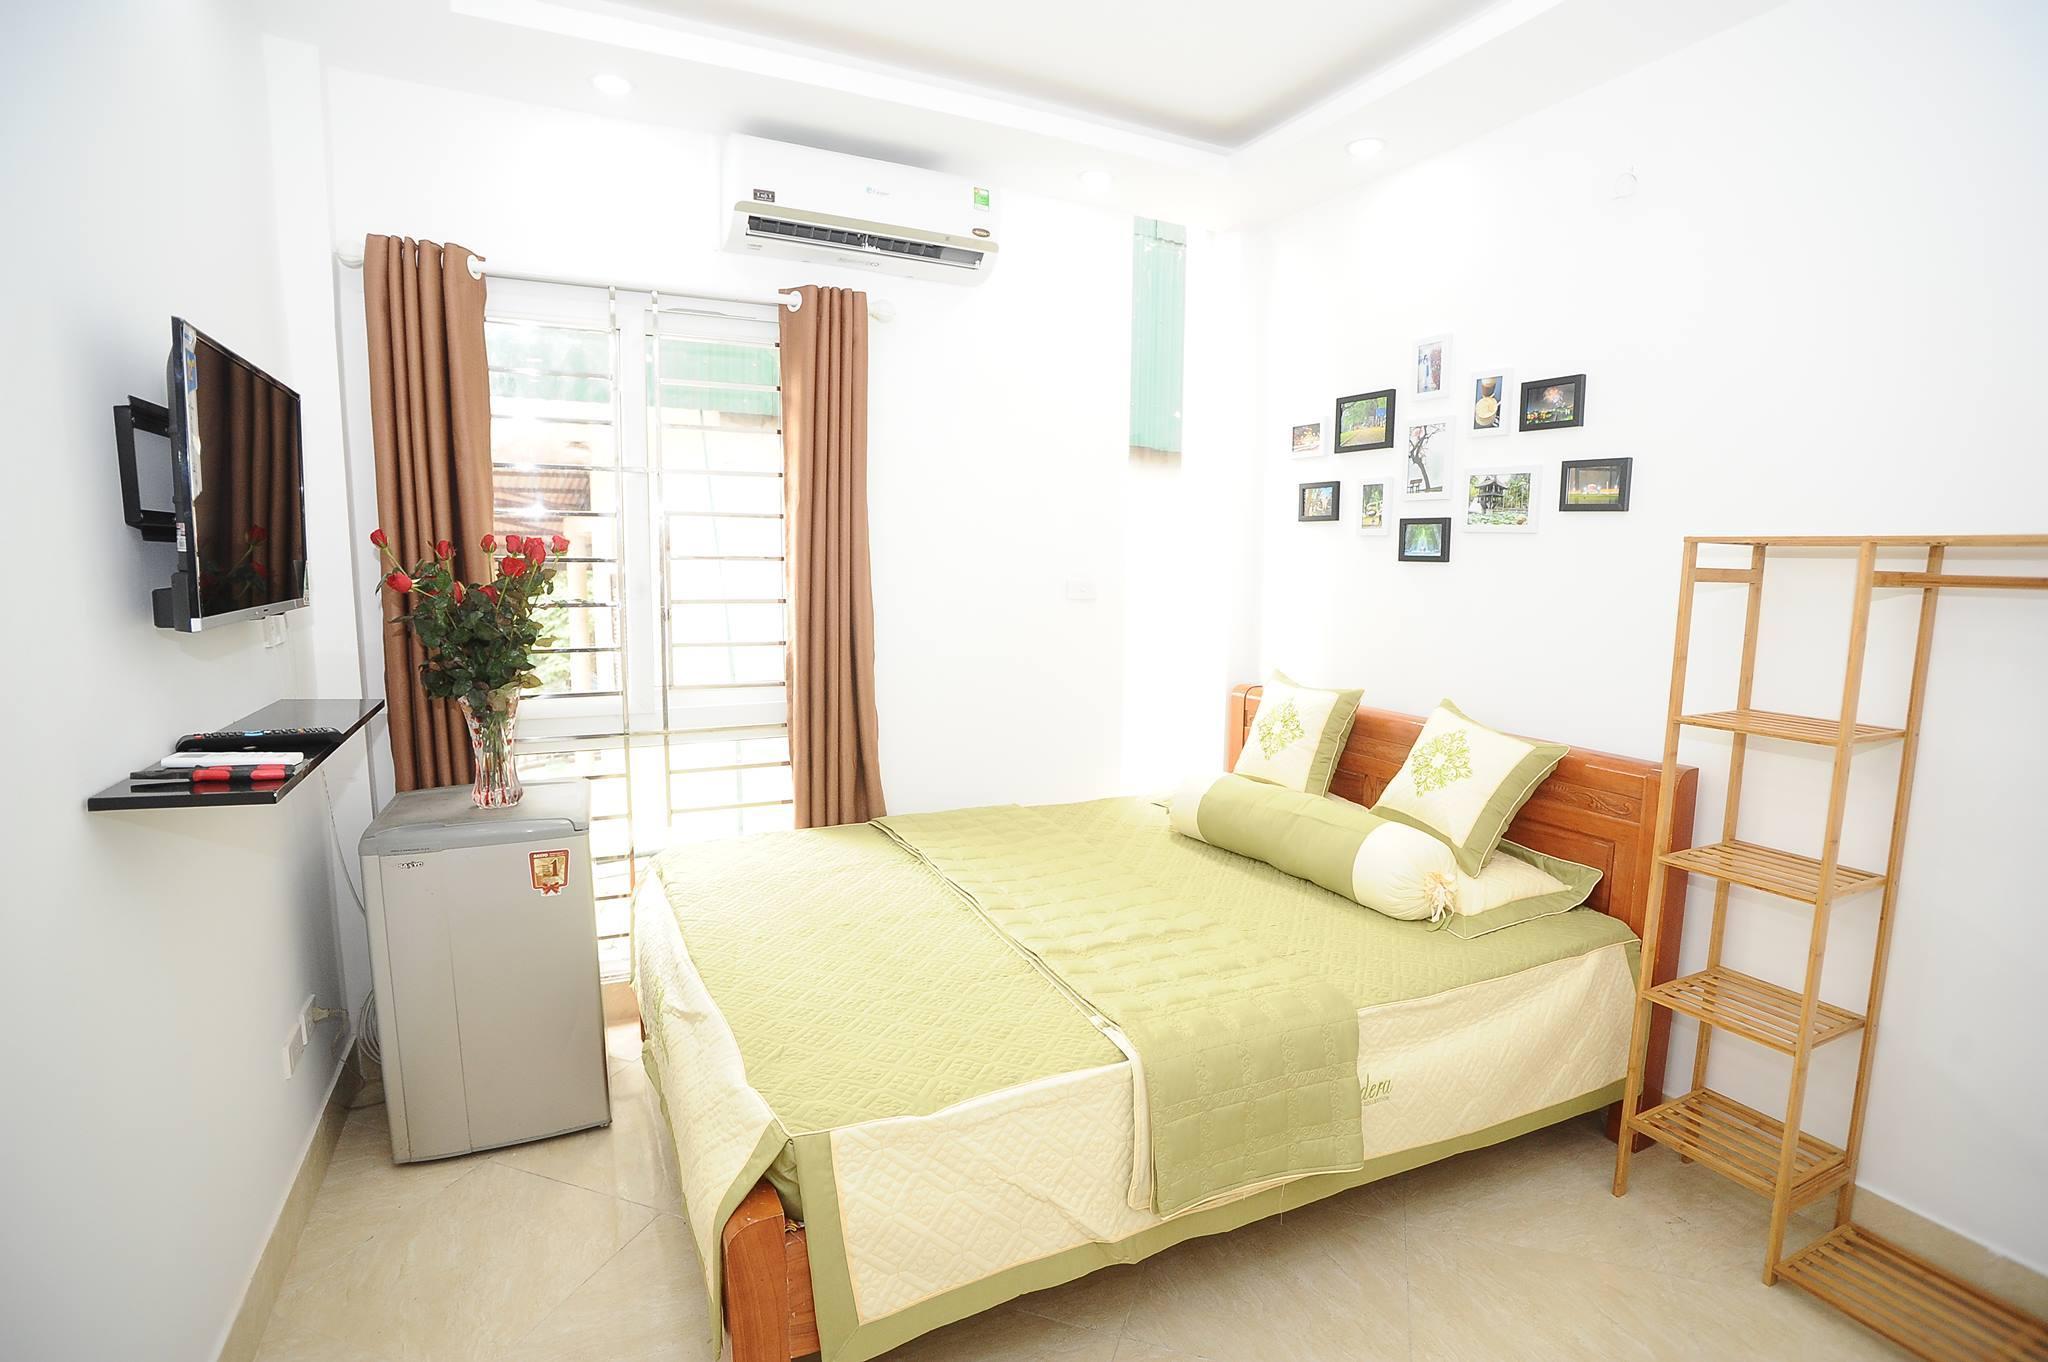 Top 10 Nhà nghỉ, homestay quận Hoàng Mai – Hà Nội yên bình, tĩnh lặng